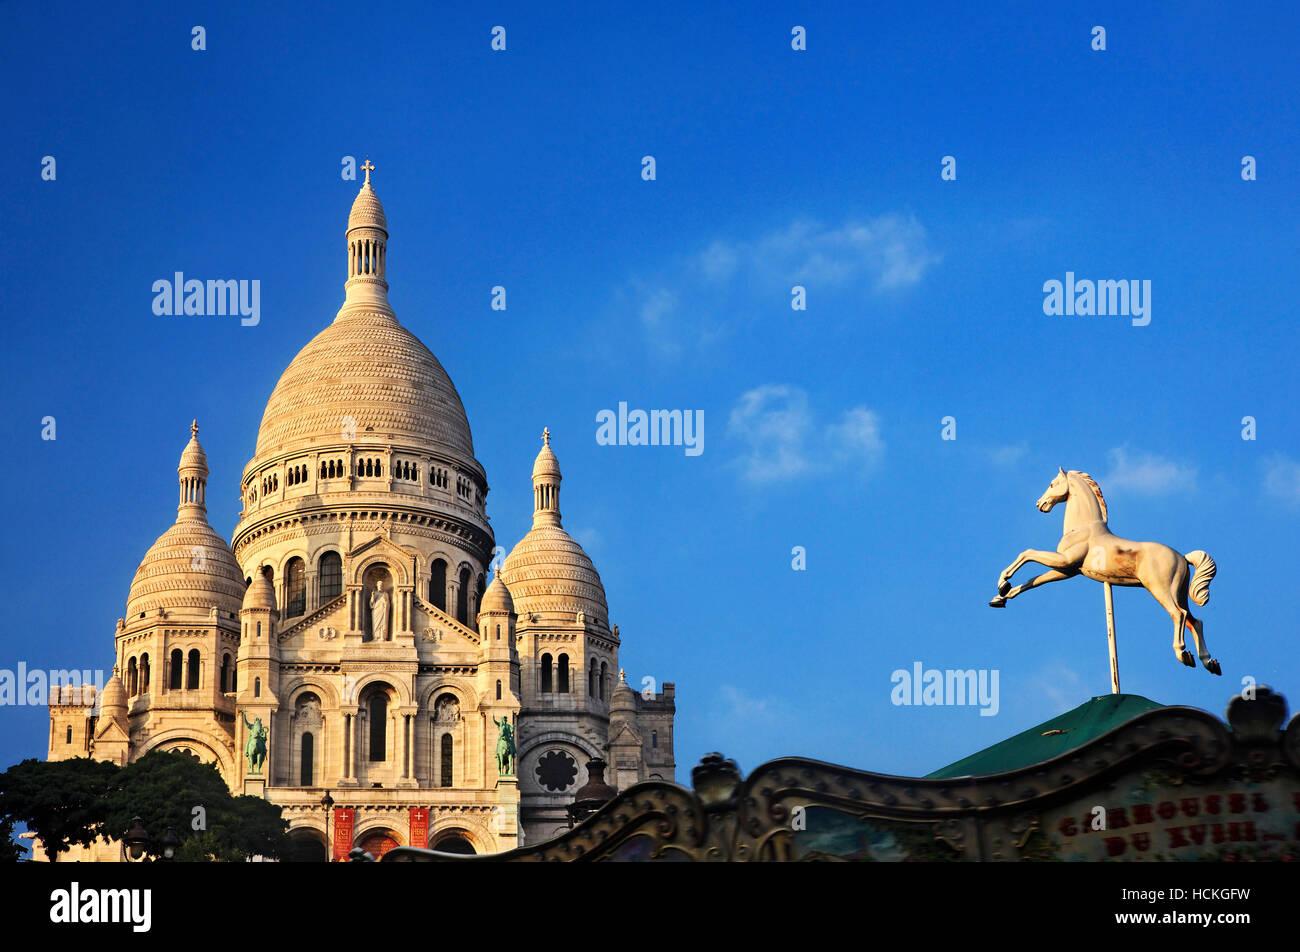 The Basilique du   Sacré-Cœur ('Basilica of the Sacred Heart), simply known as 'Sacré-Cœur', - Stock Image